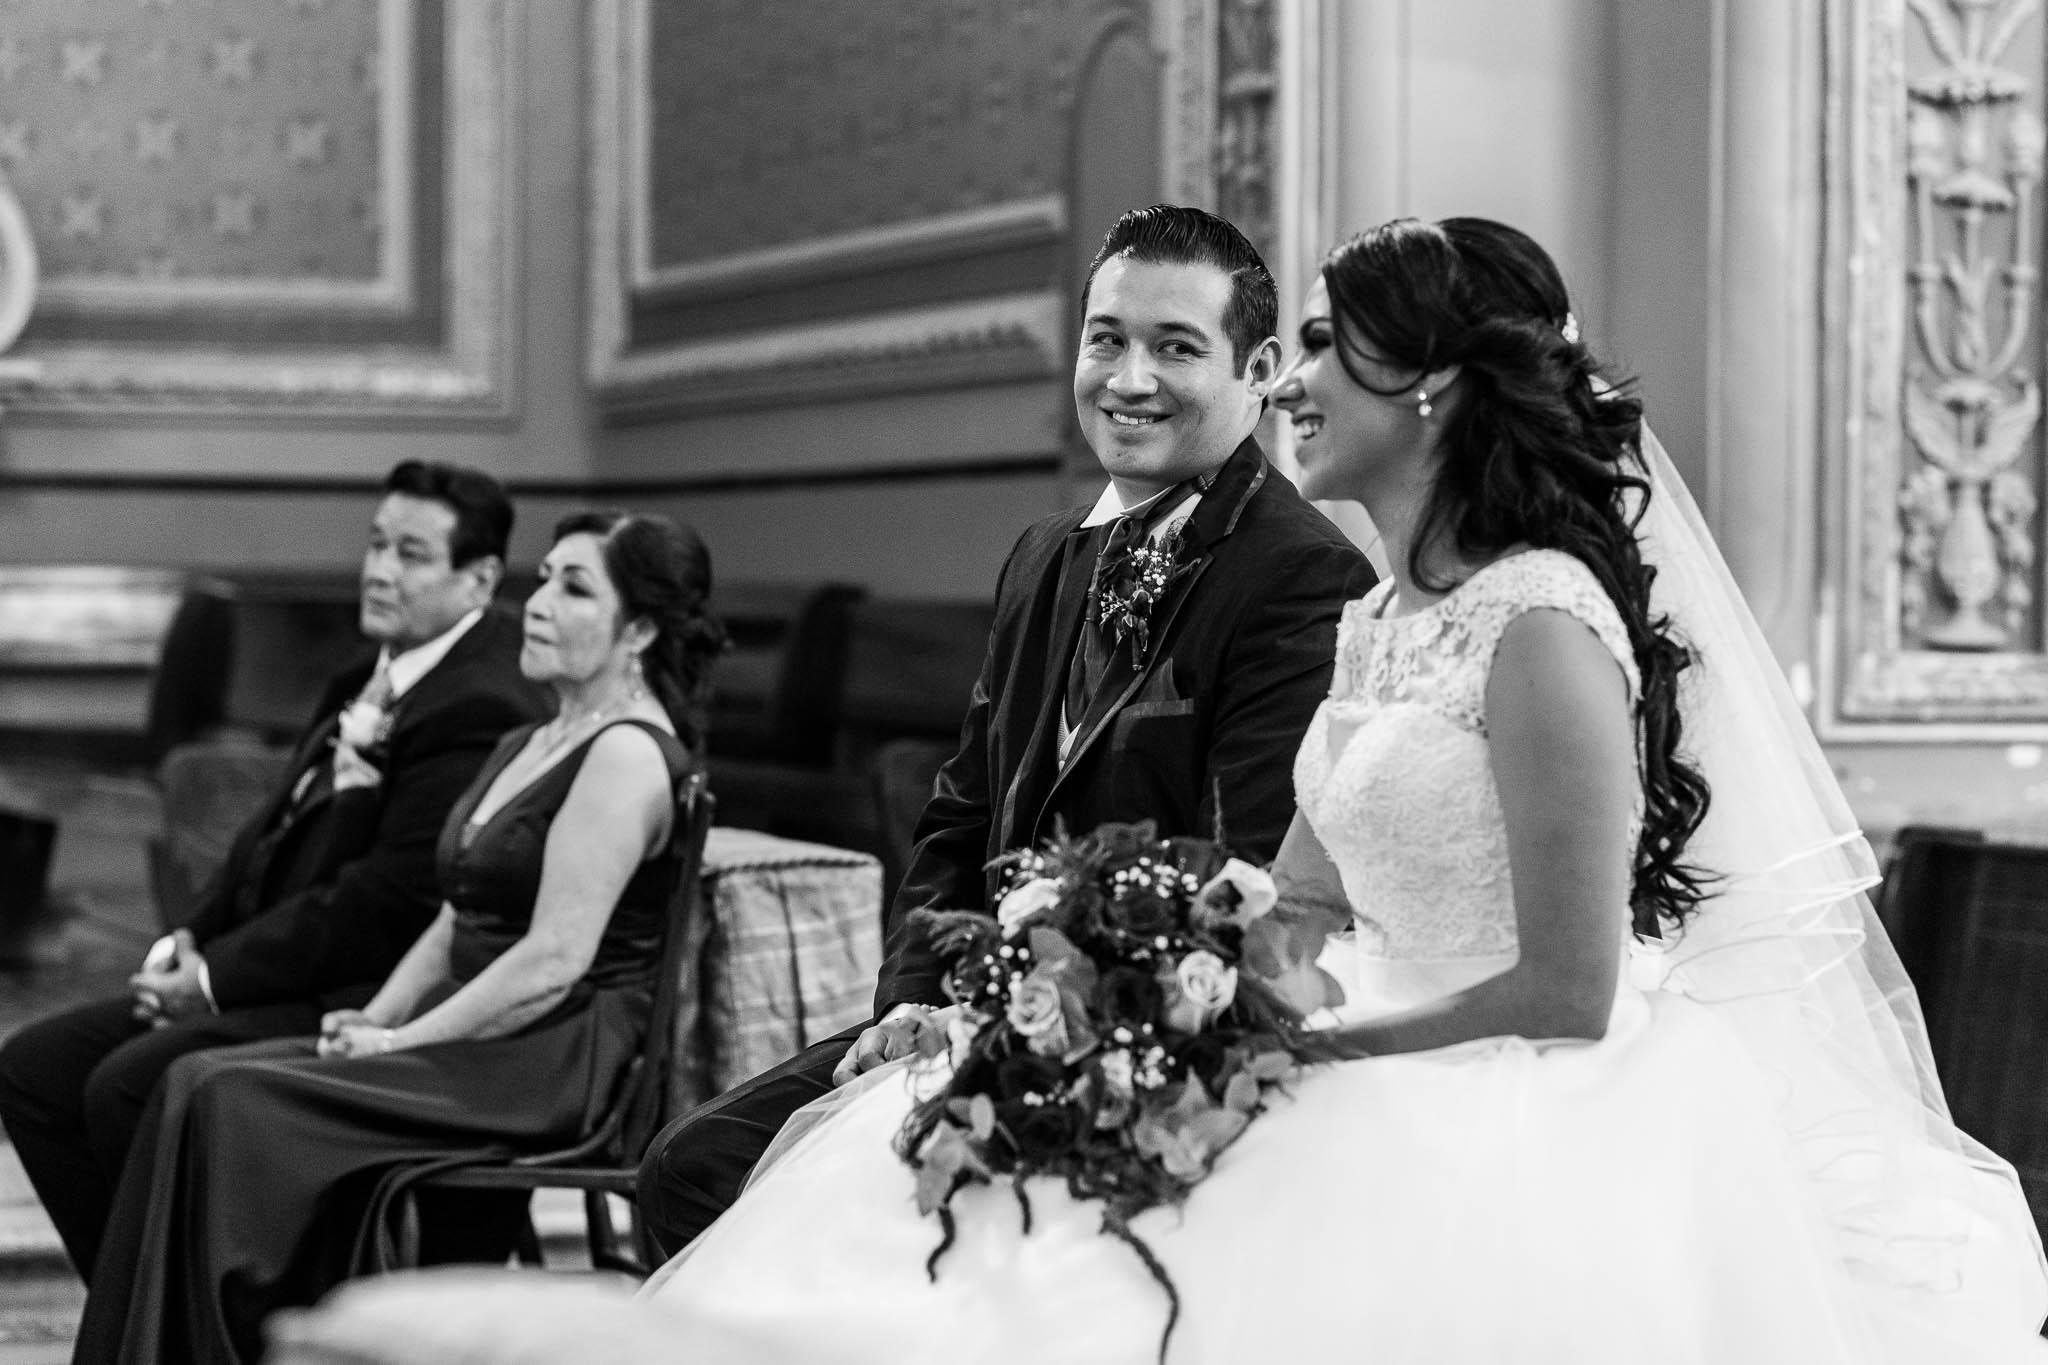 fotografo de bodas san luis potosi boda mexico wedding destination fotos de boda 89